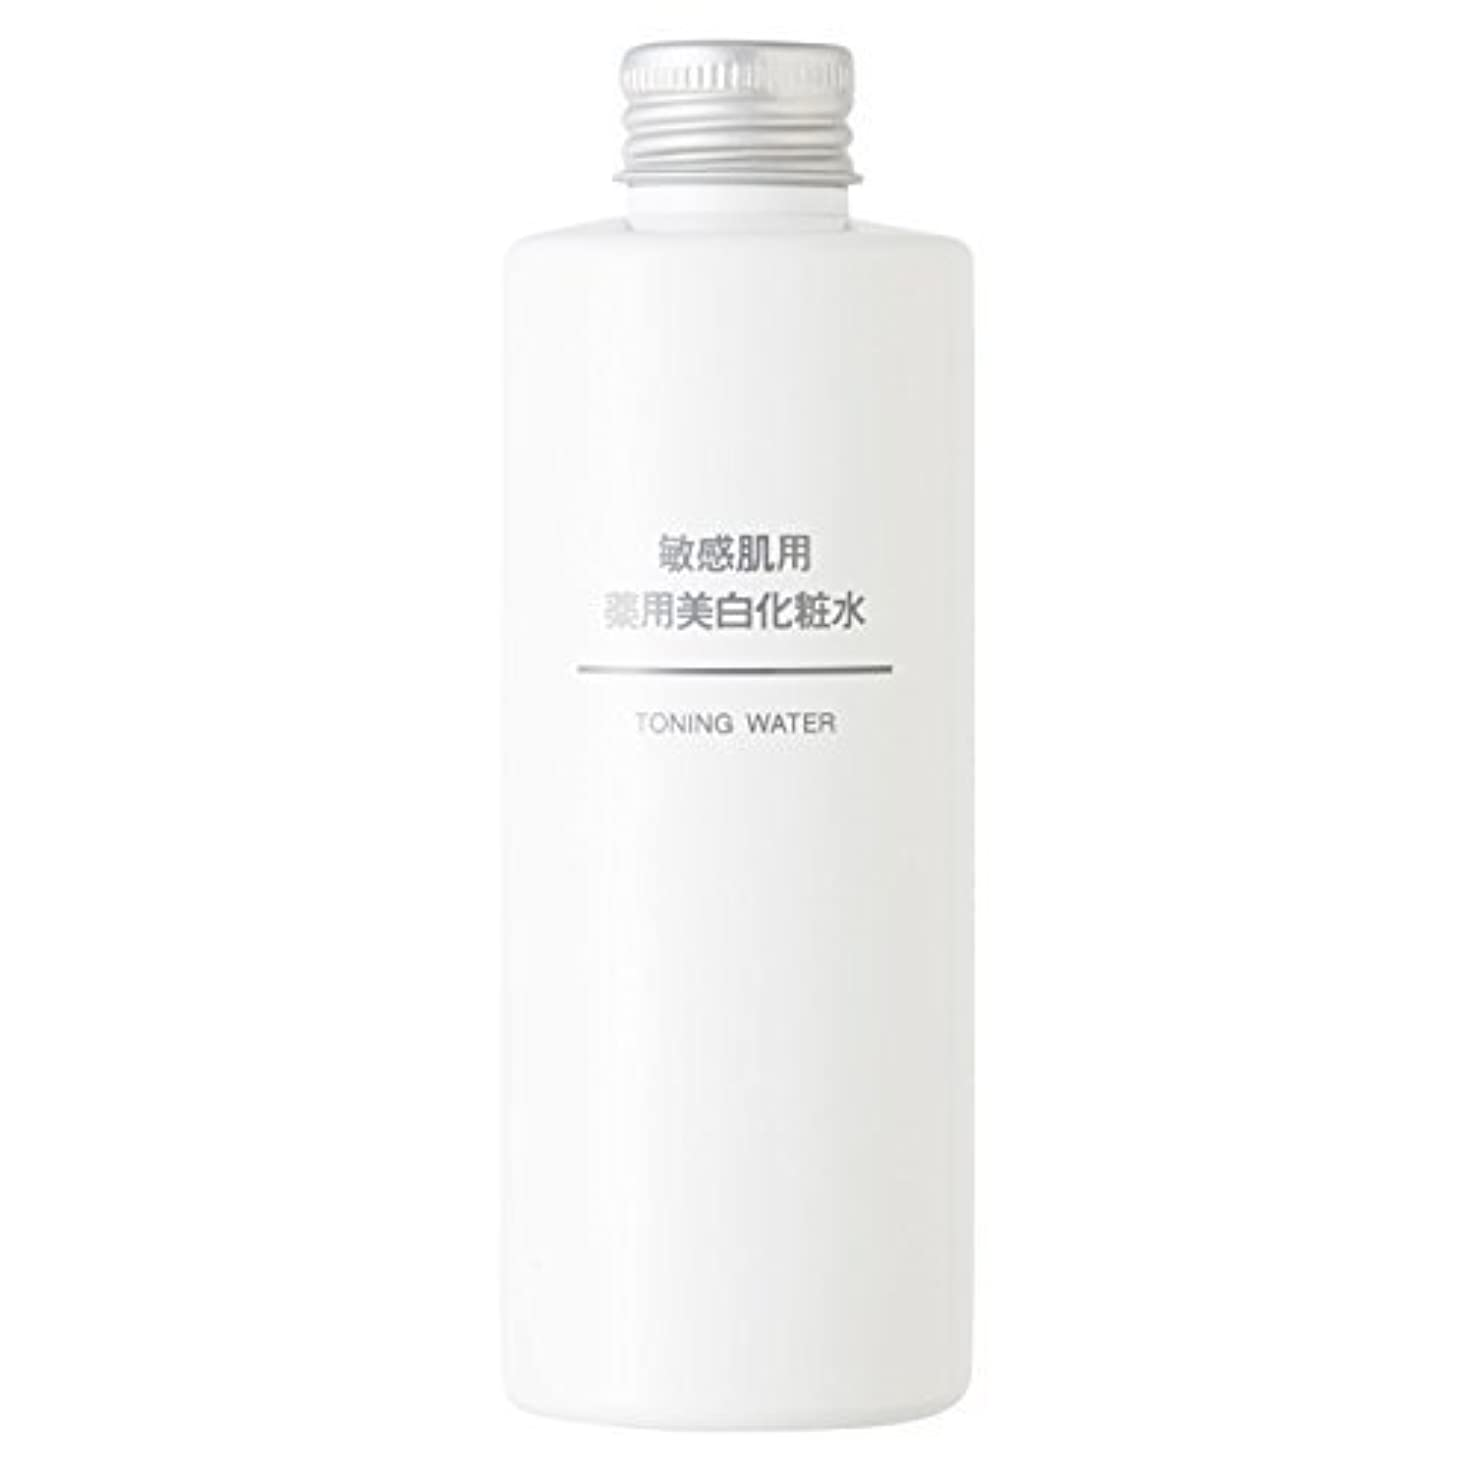 しないでくださいファウルミシン目無印良品 敏感肌用 薬用美白化粧水 (新)200ml